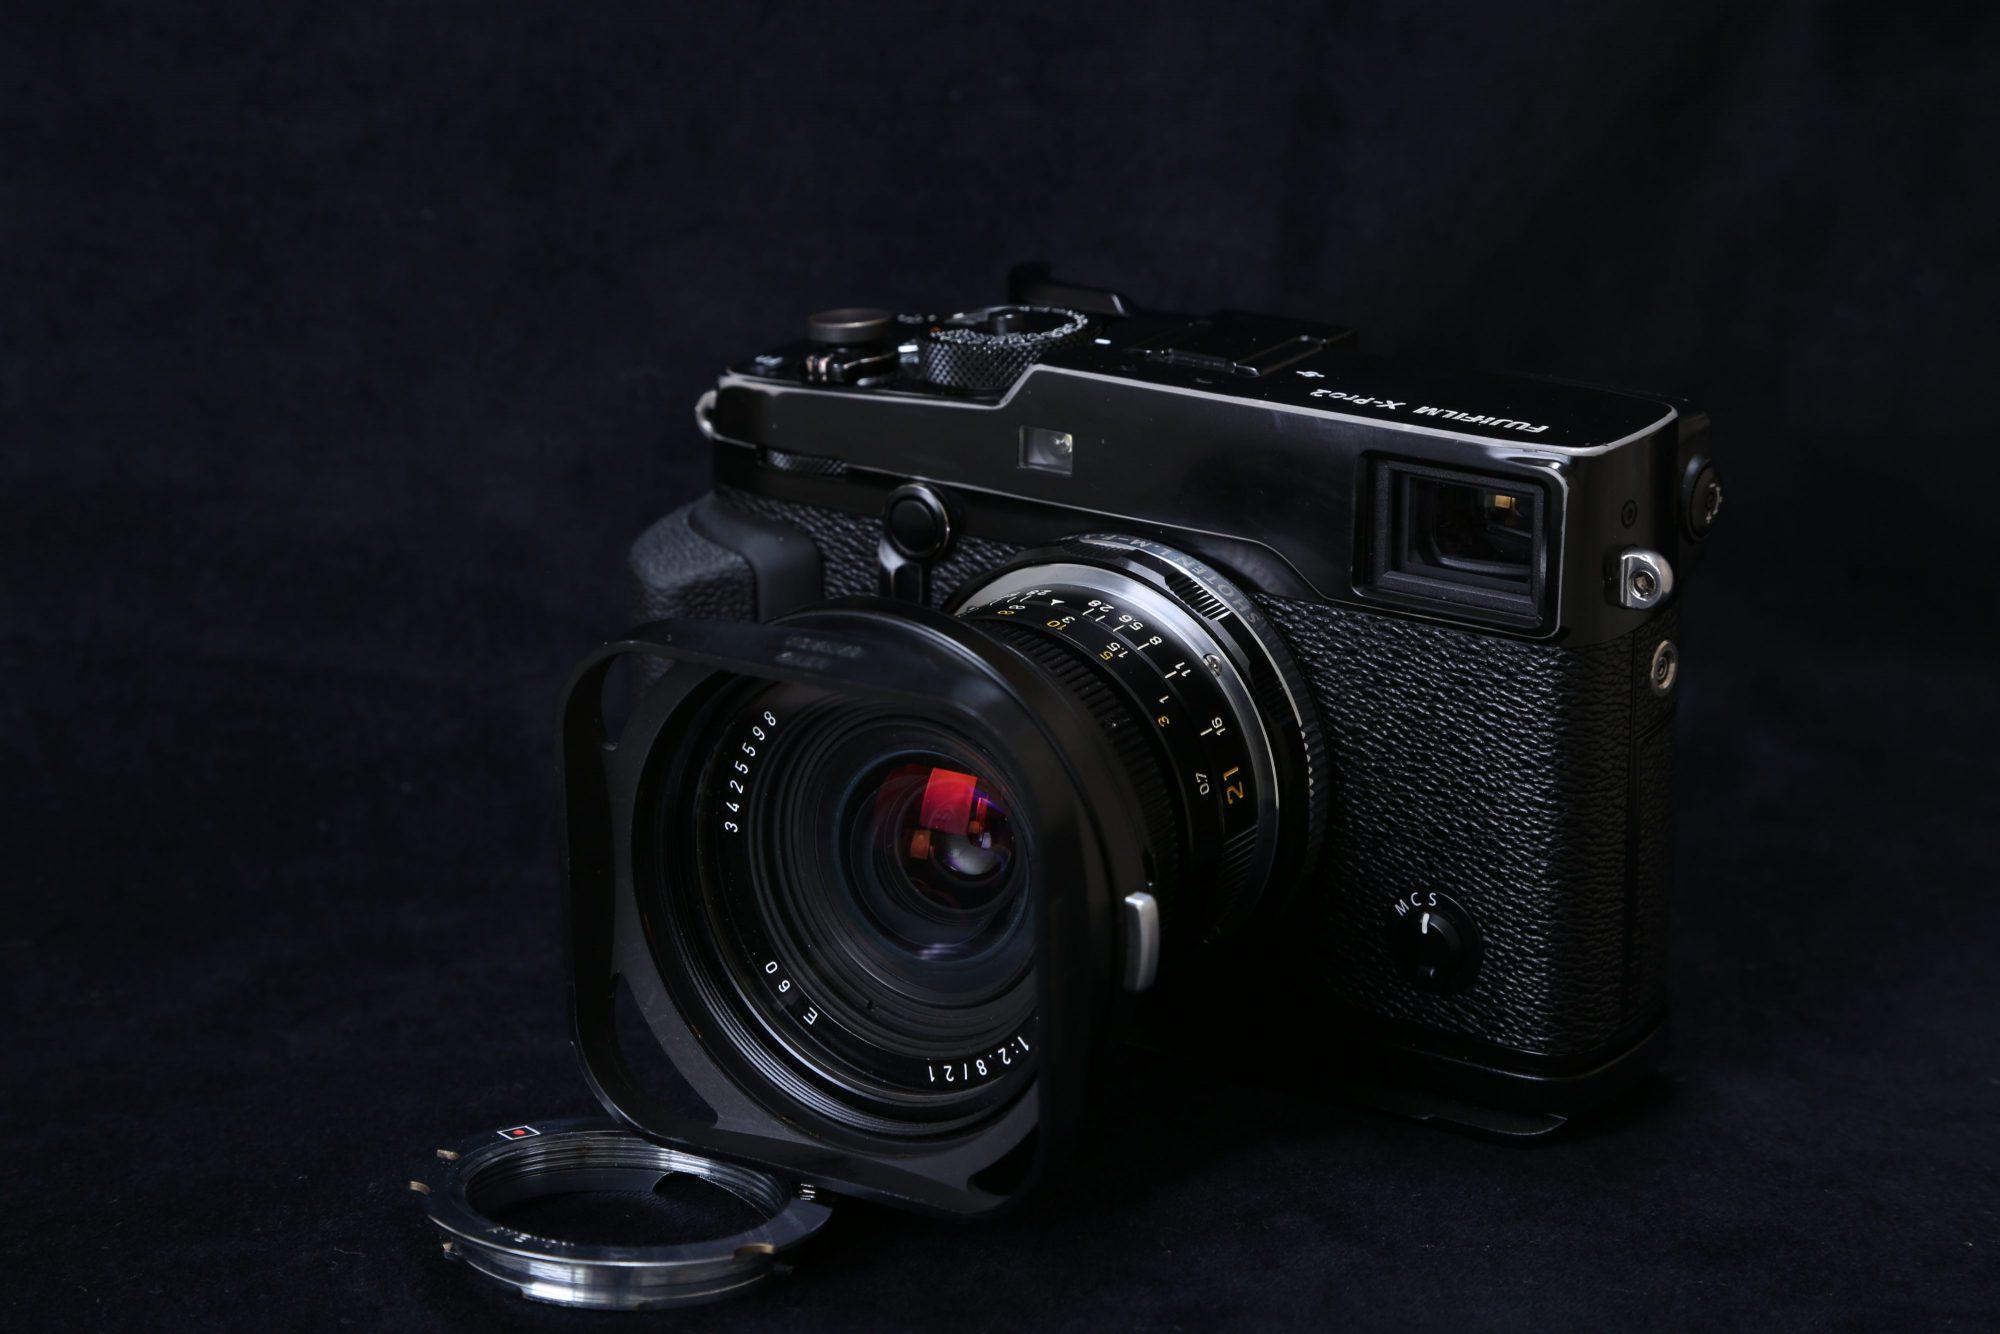 X-Pro2 ELMARIT-M 21mm F2.8